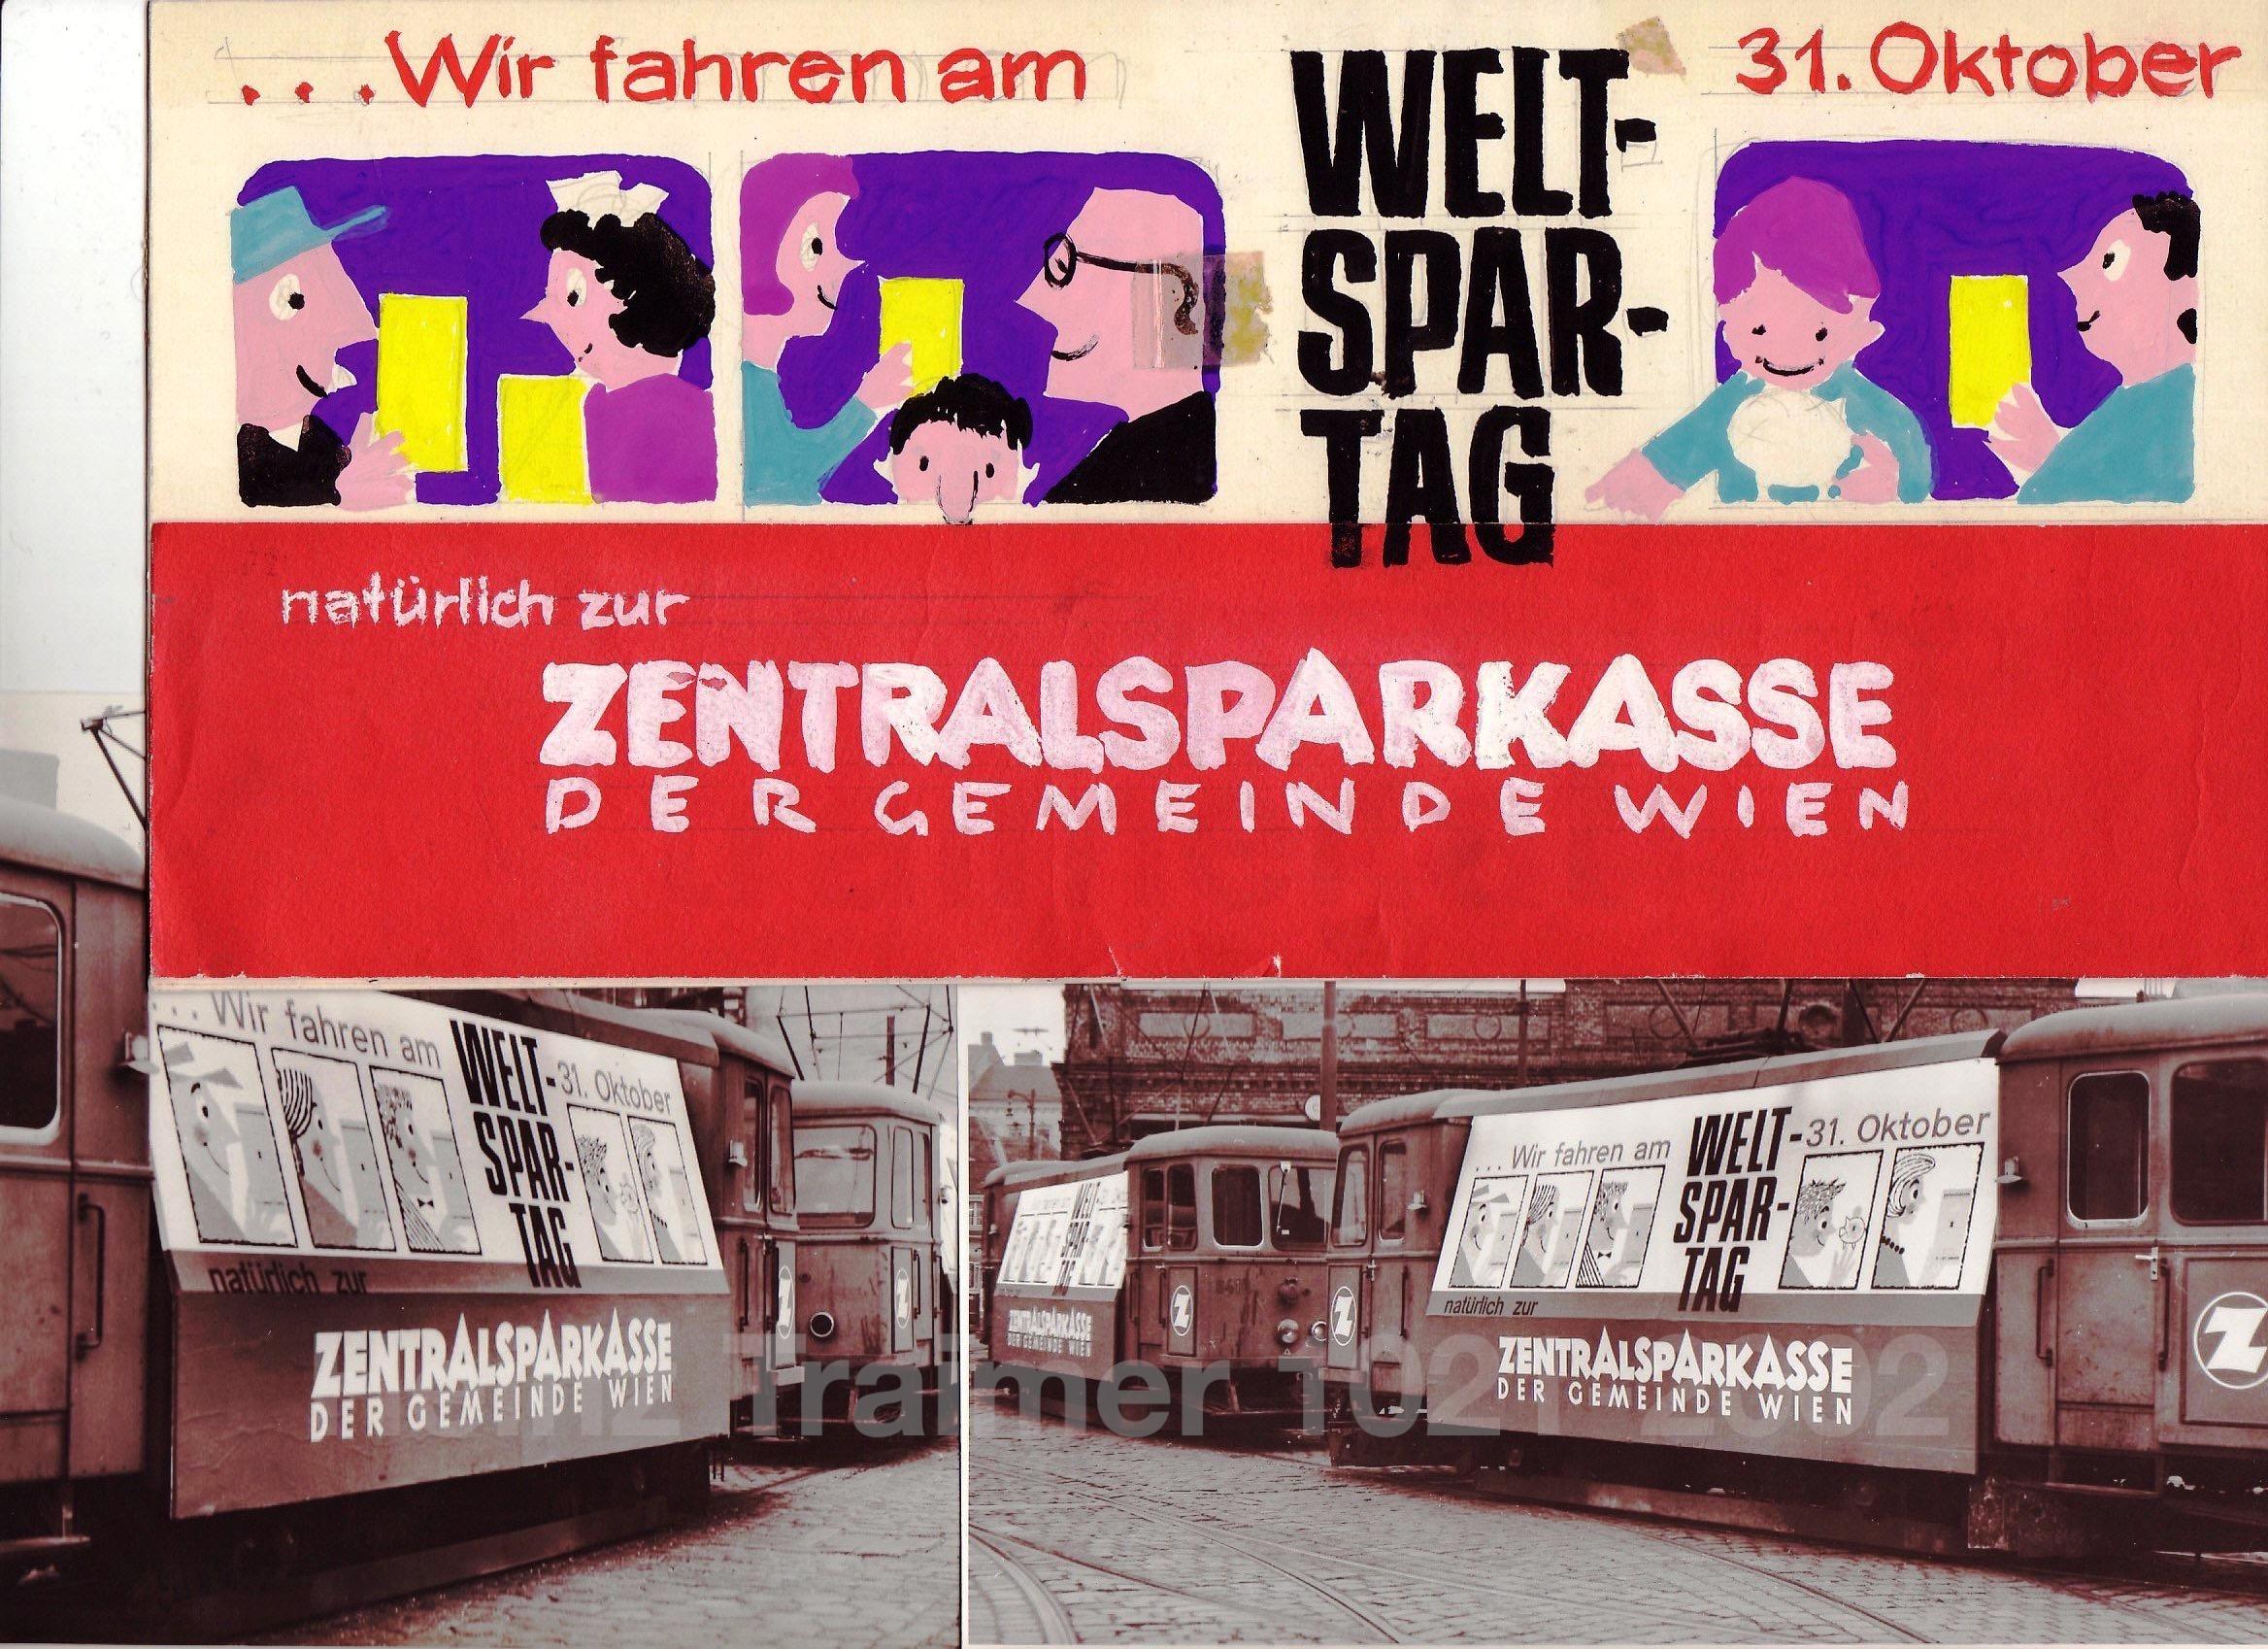 Weltspartag - Werbung der Zentralsparkasse Wien (1956?). Wiener Linien - Straßenbahn.